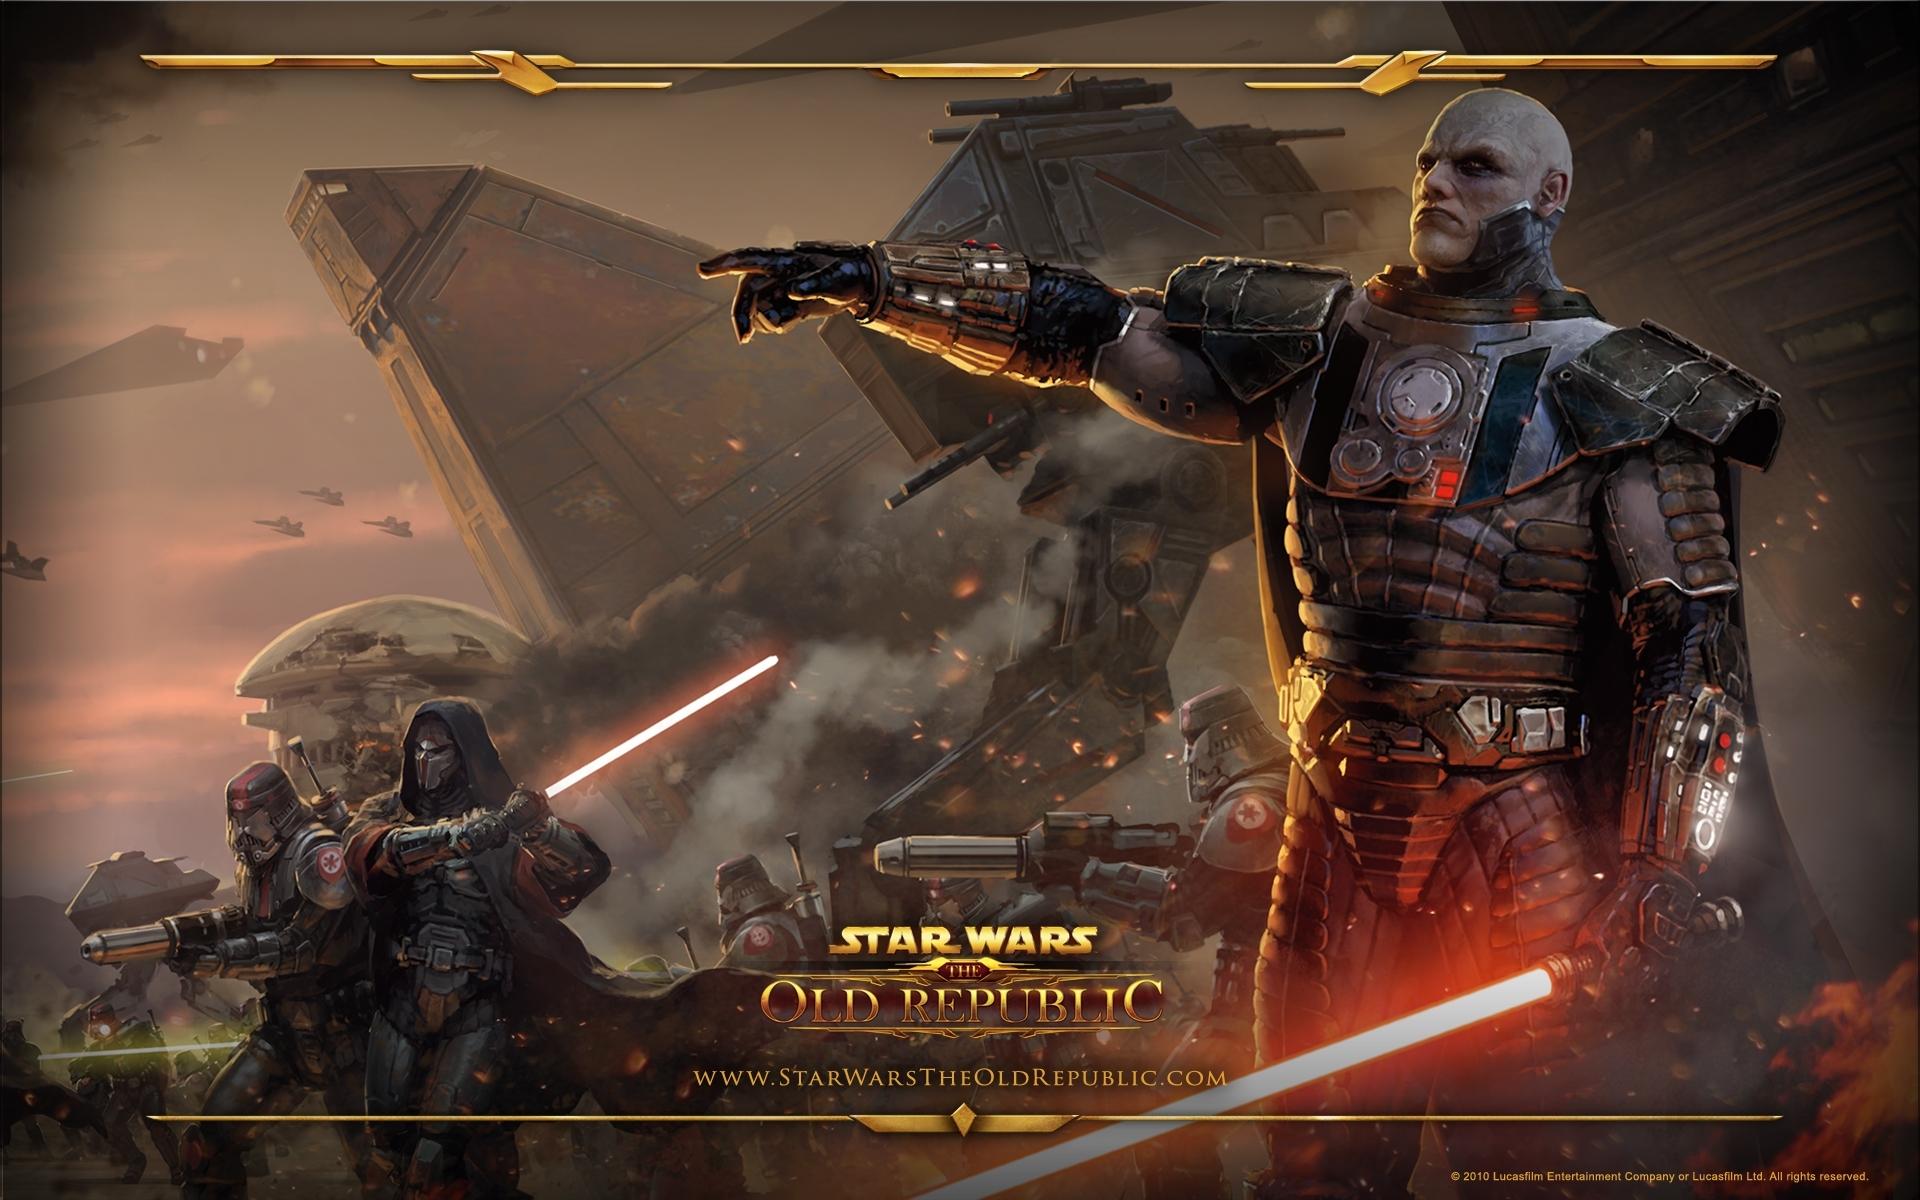 fonds d'ecran 1920x1200 star wars star wars the old republic jeux